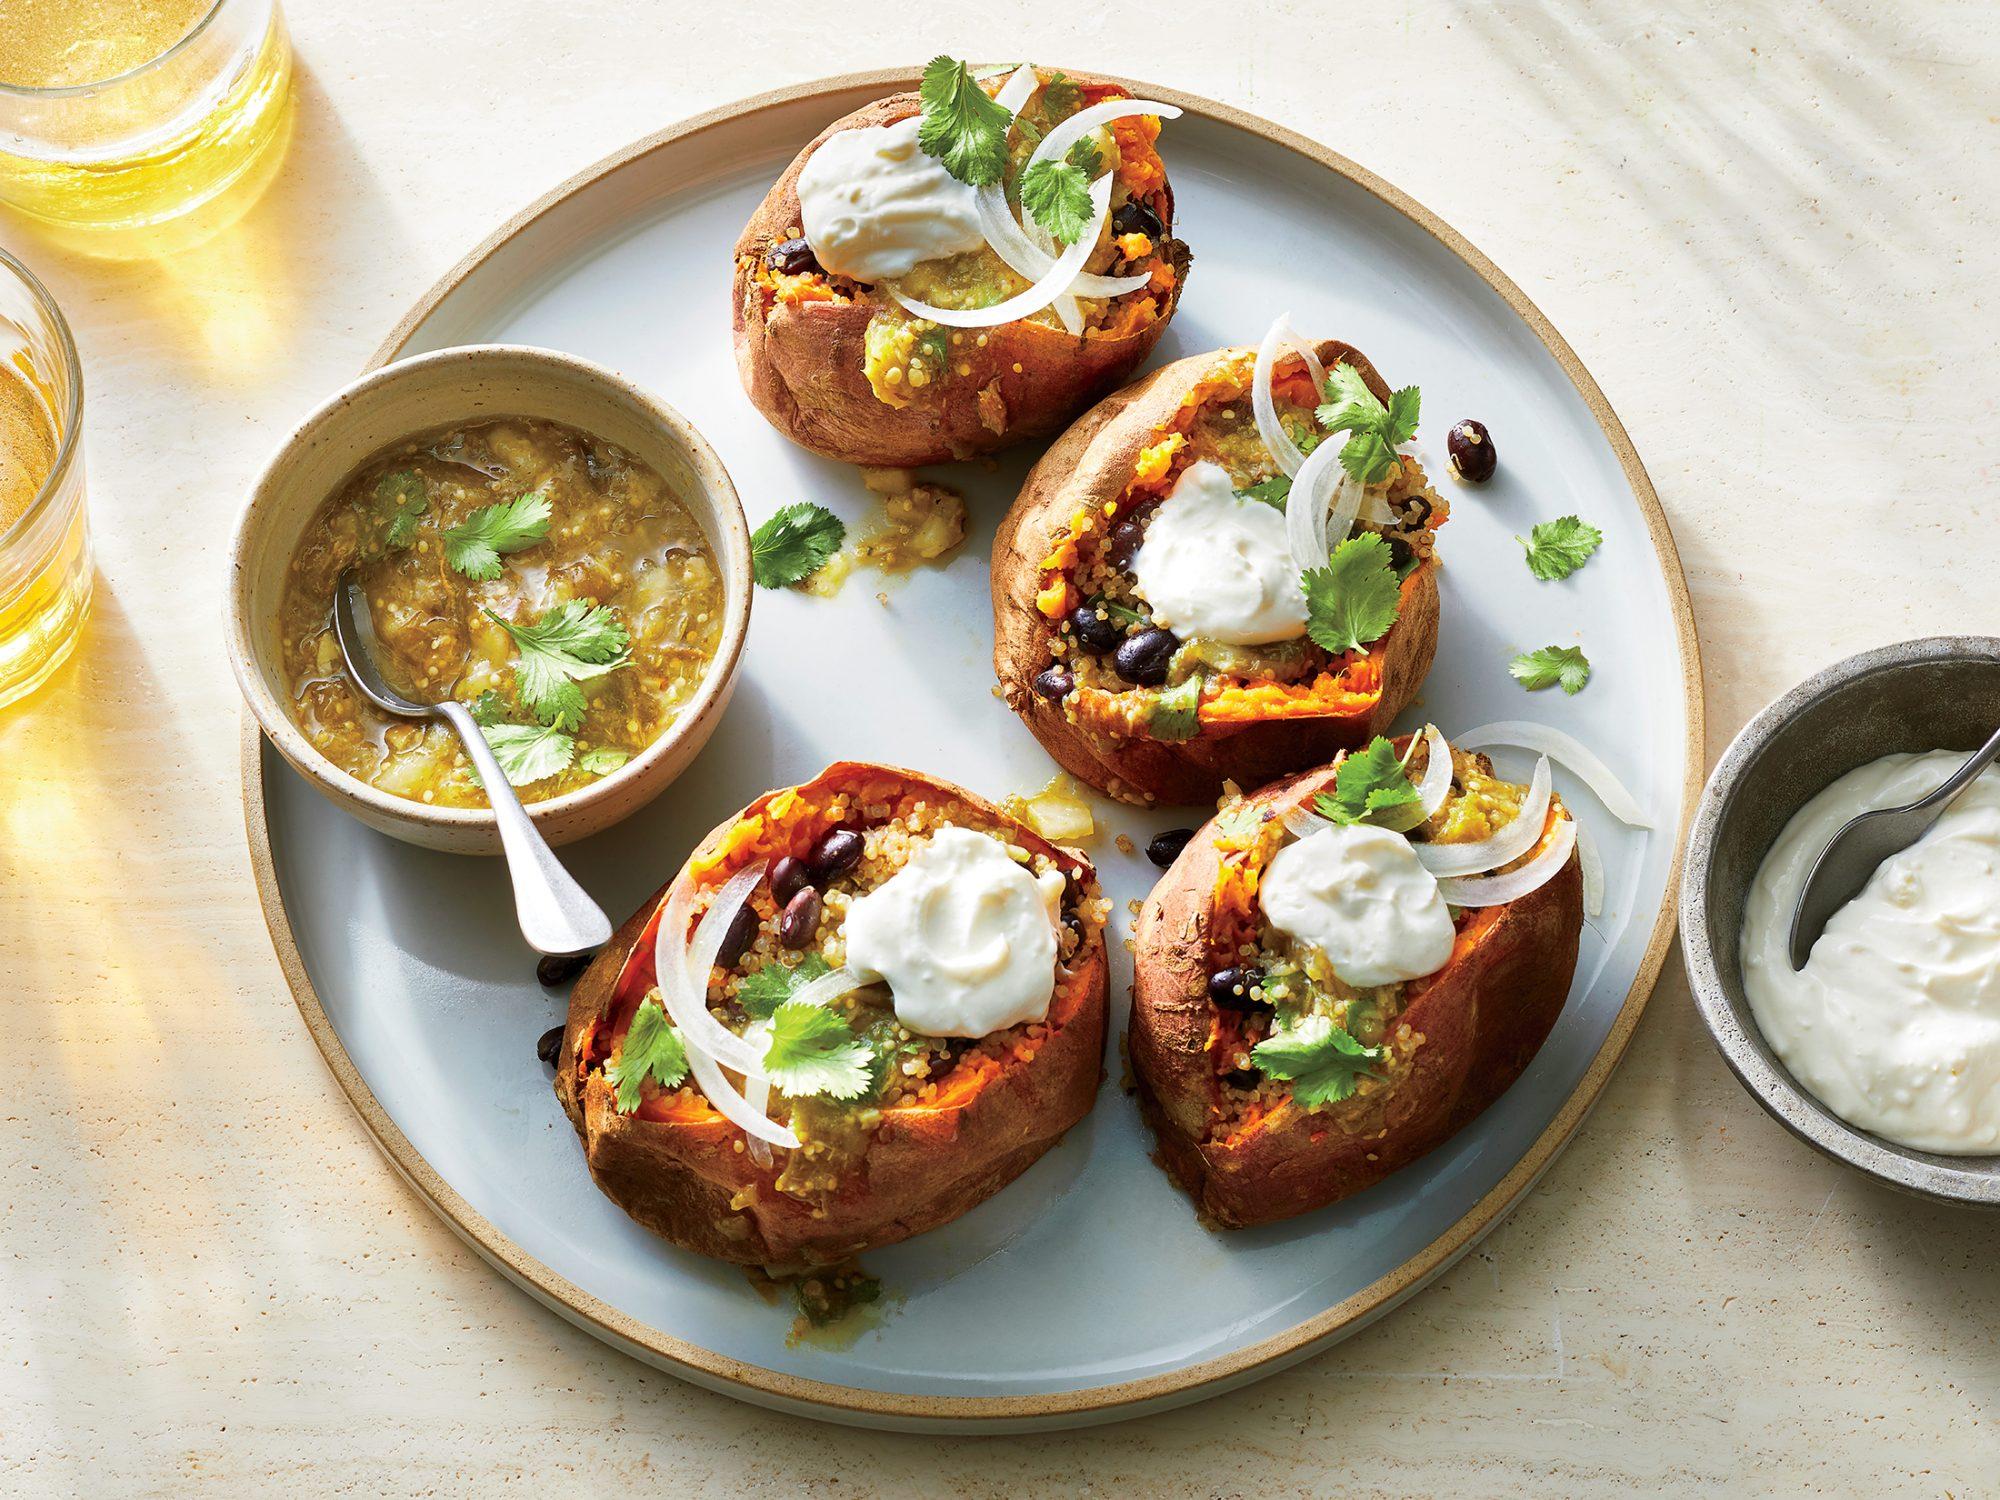 Southwestern-Style Stuffed Sweet Potatoes